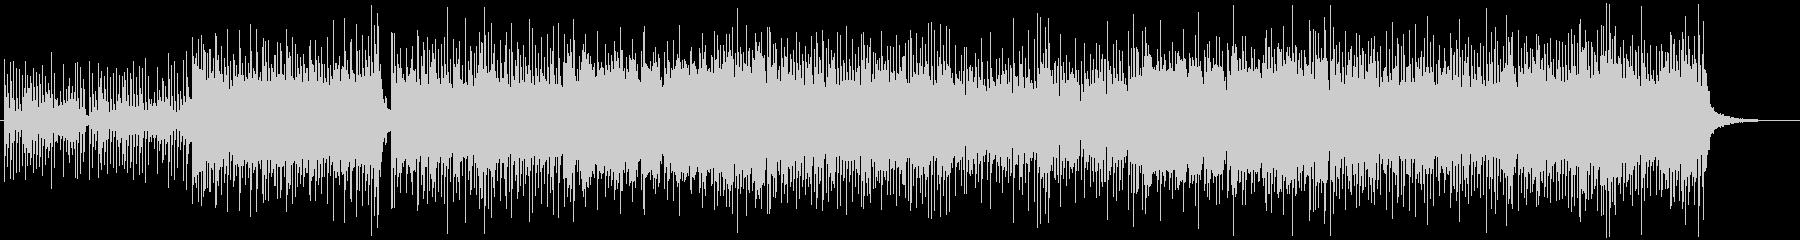 和風、三味線メタル2、激しい(声入り)Bの未再生の波形